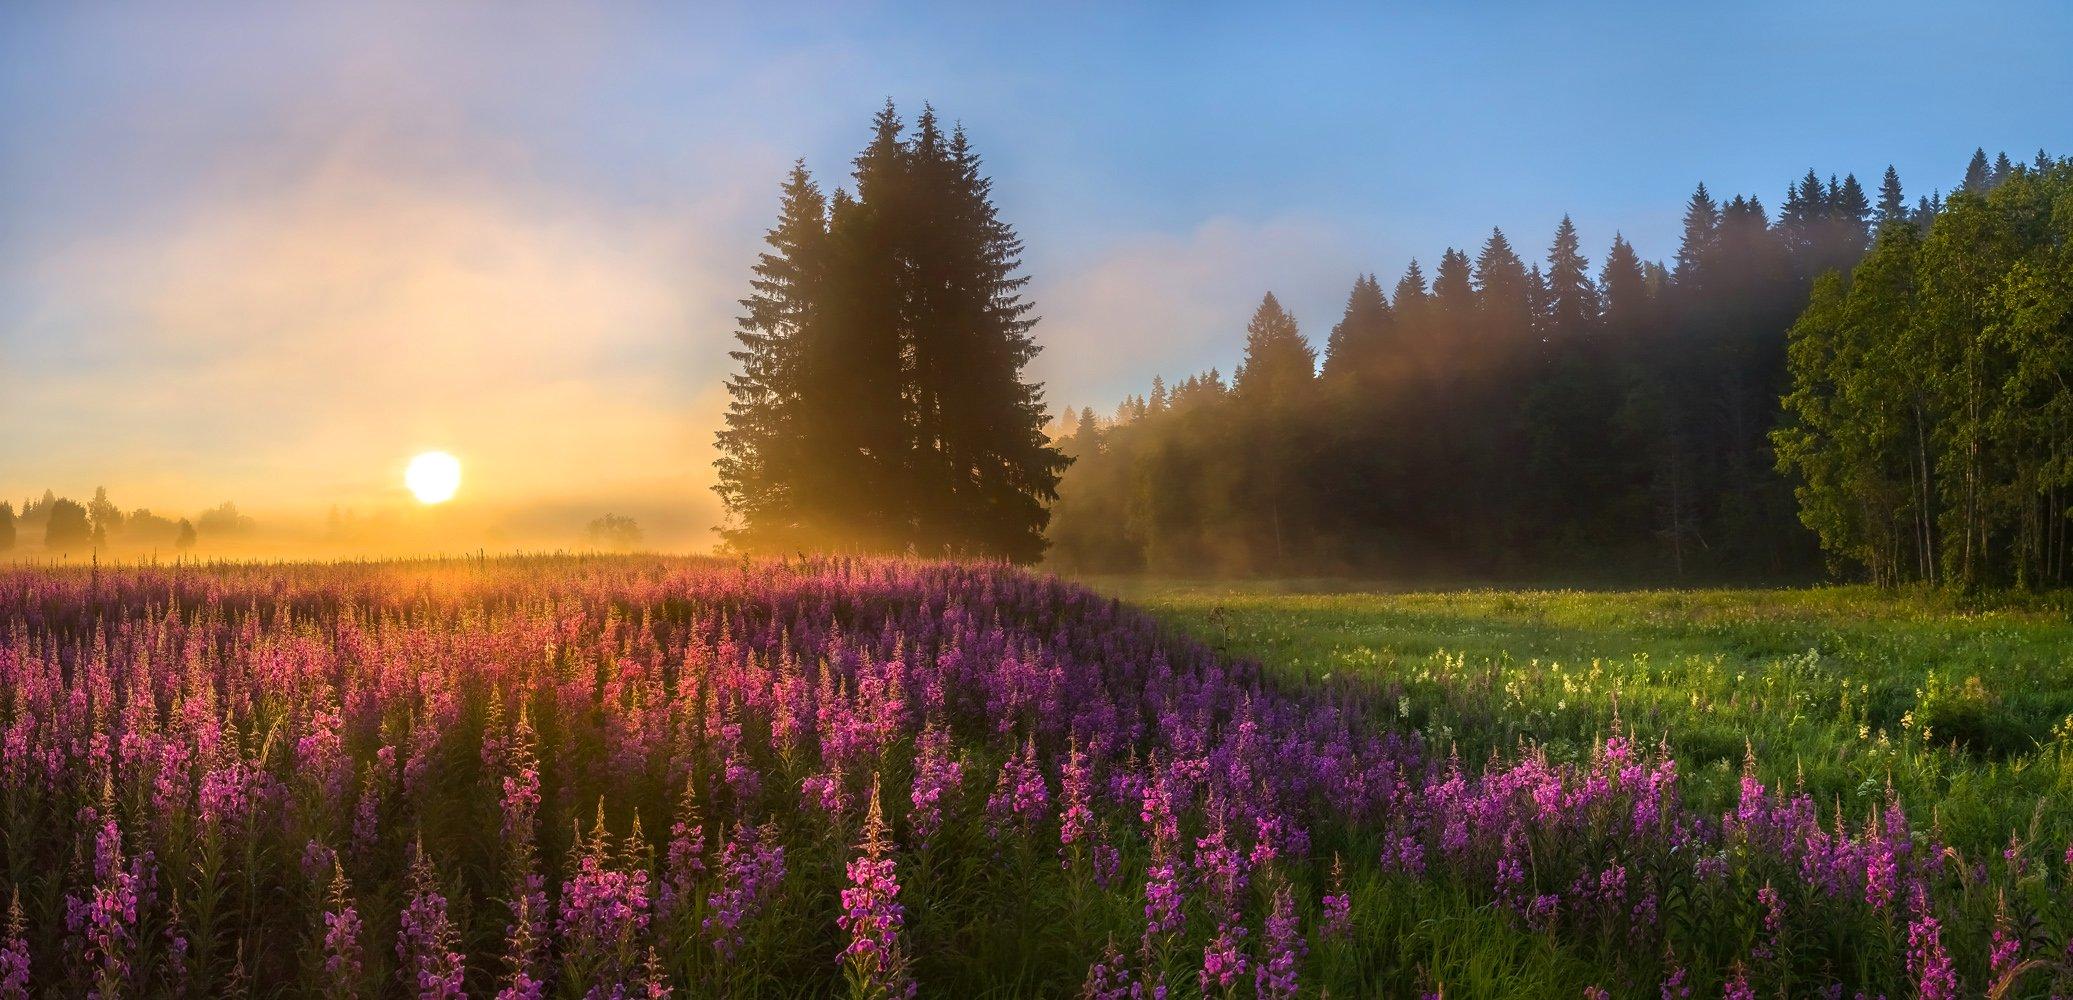 фототур, лето, иван-чай, цветы, ленинградская область, деревья, лес, берёзы, рассвет, ель, туман, солнце, луг, Лашков Фёдор